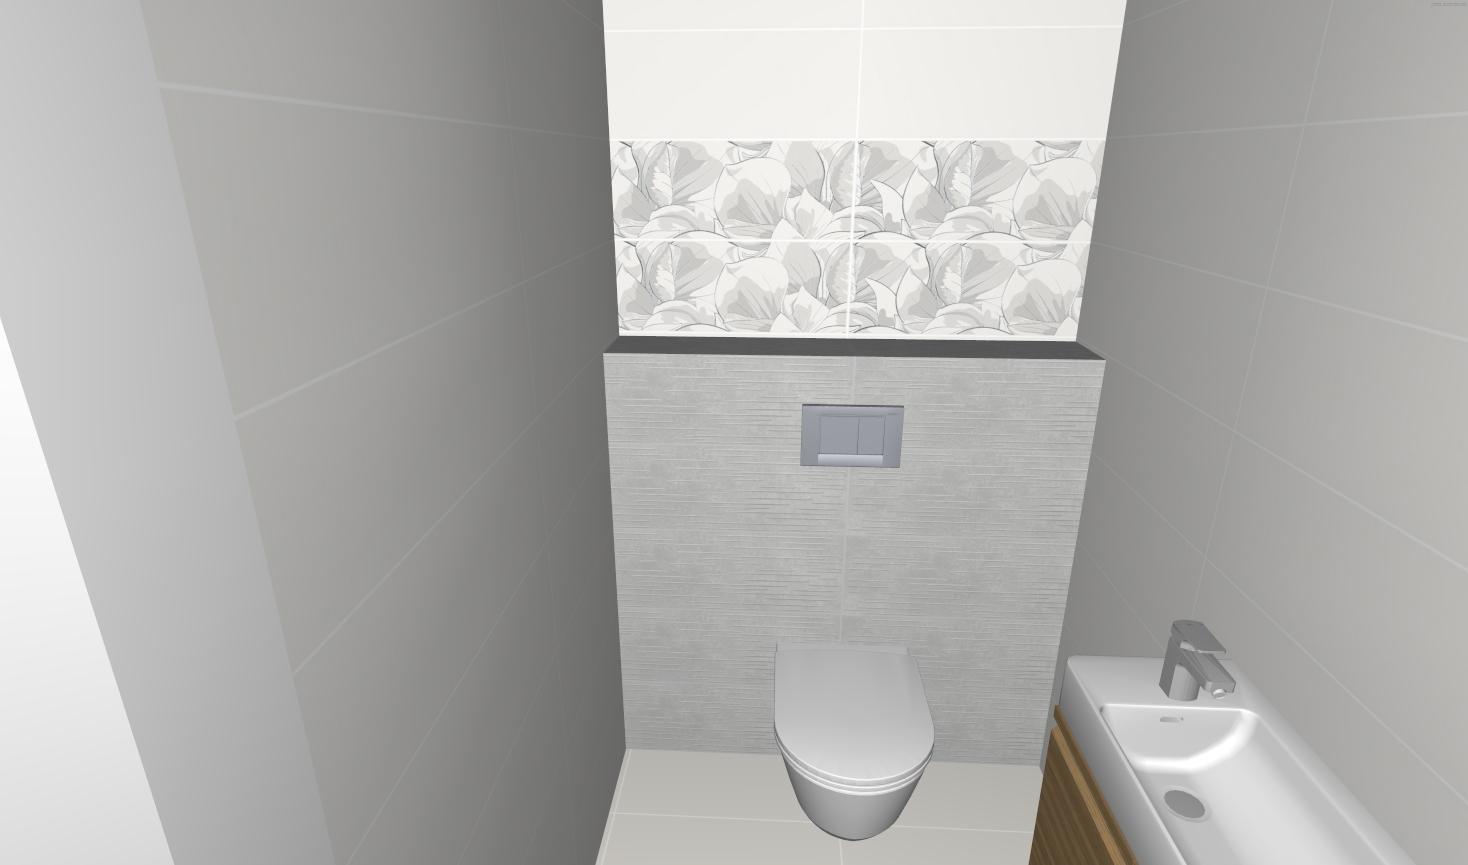 Návrh WC + Kúpelňa - Obrázok č. 1